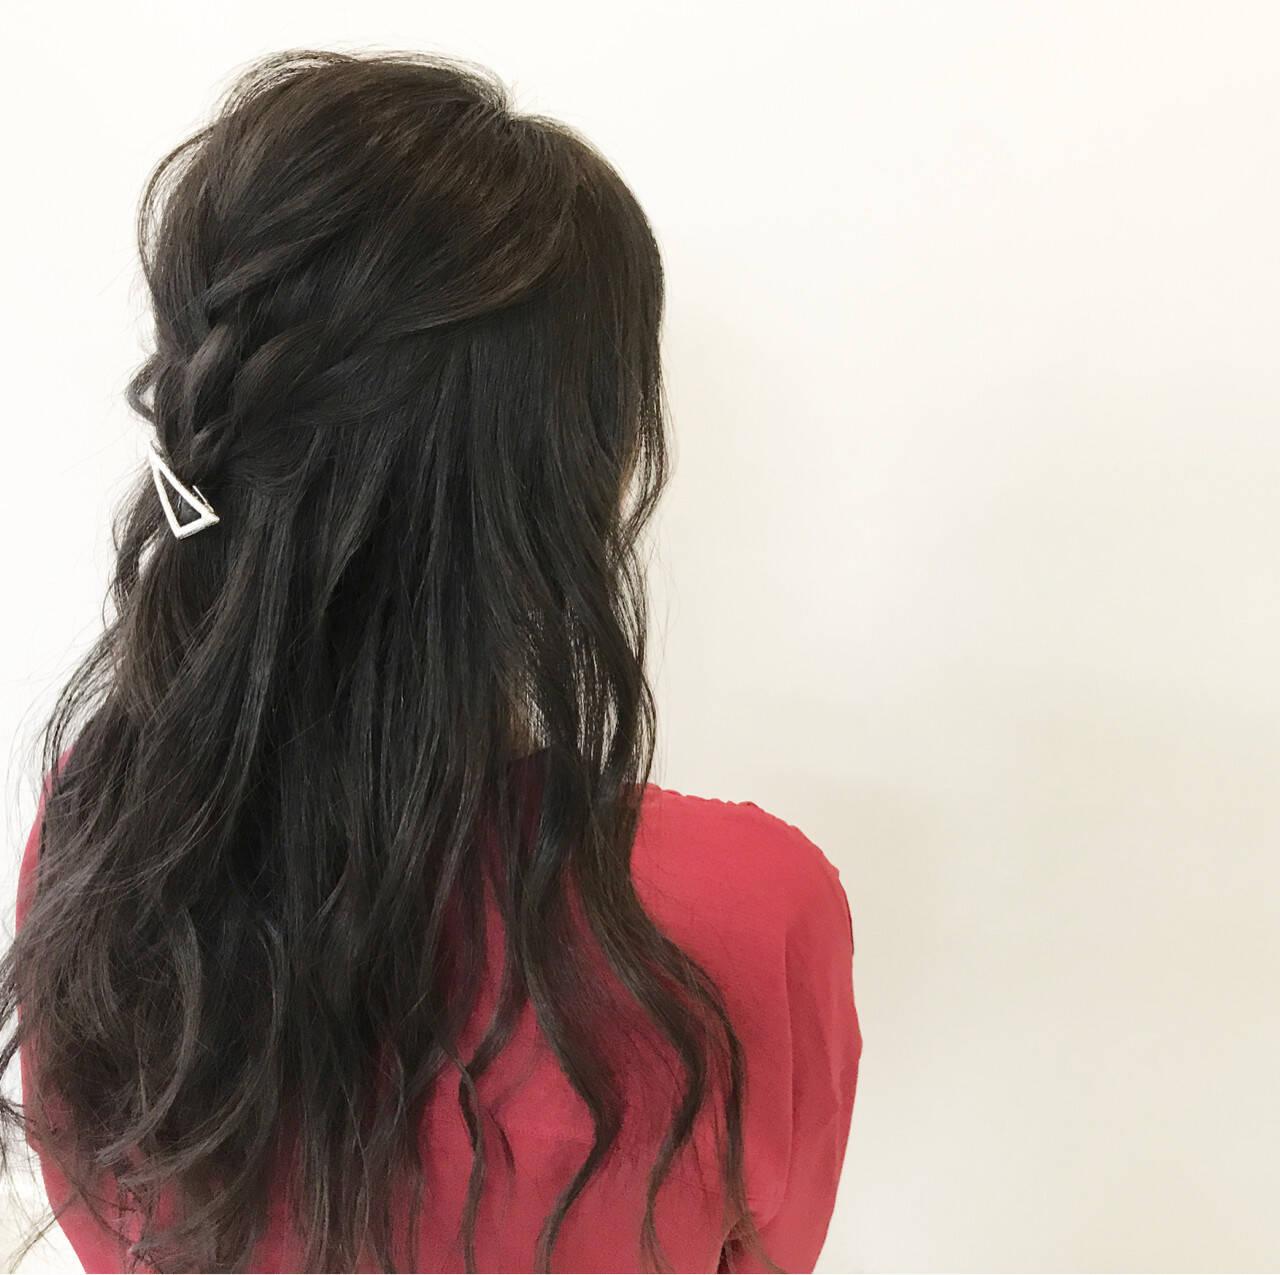 秋 色気 透明感 ヘアアレンジヘアスタイルや髪型の写真・画像